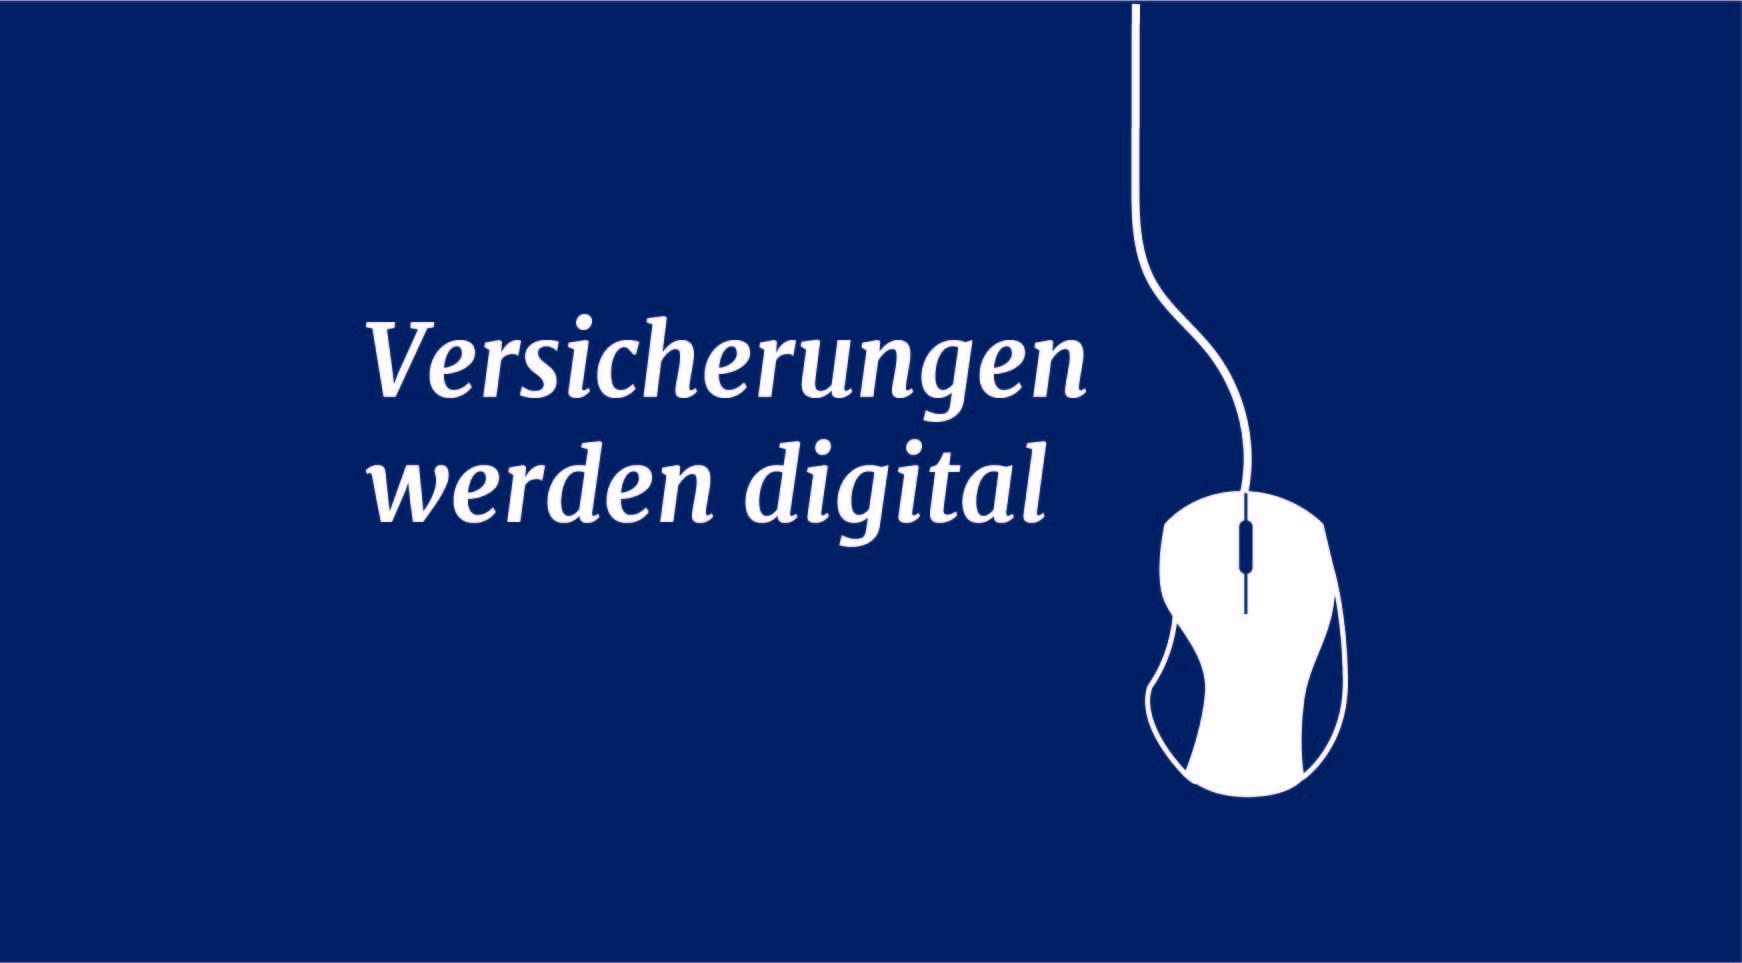 AXXCON Digitalisierung Versicherung